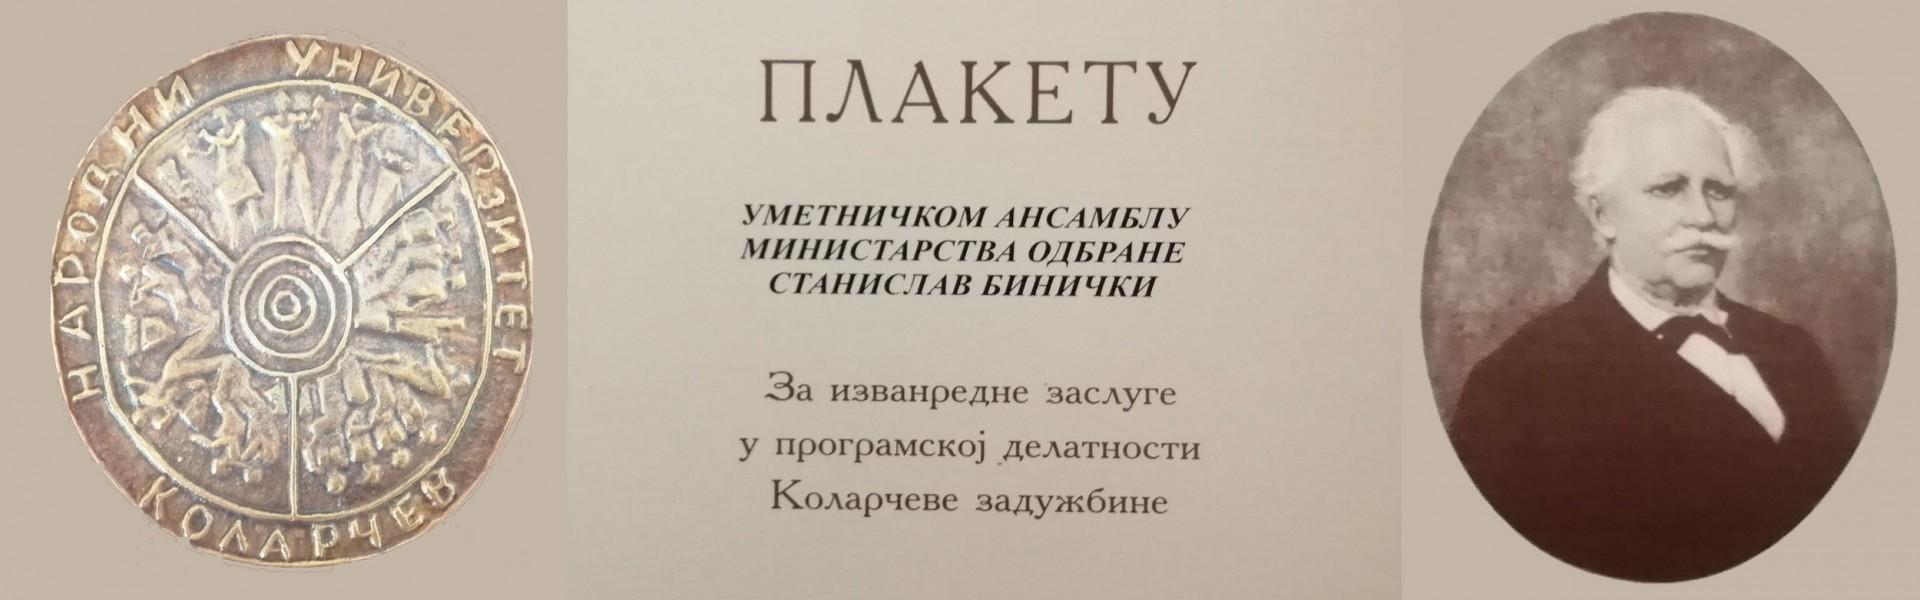 плакета-коларчеве-задужбине-додељена-уметничком-ансамблу-станислав-бинички